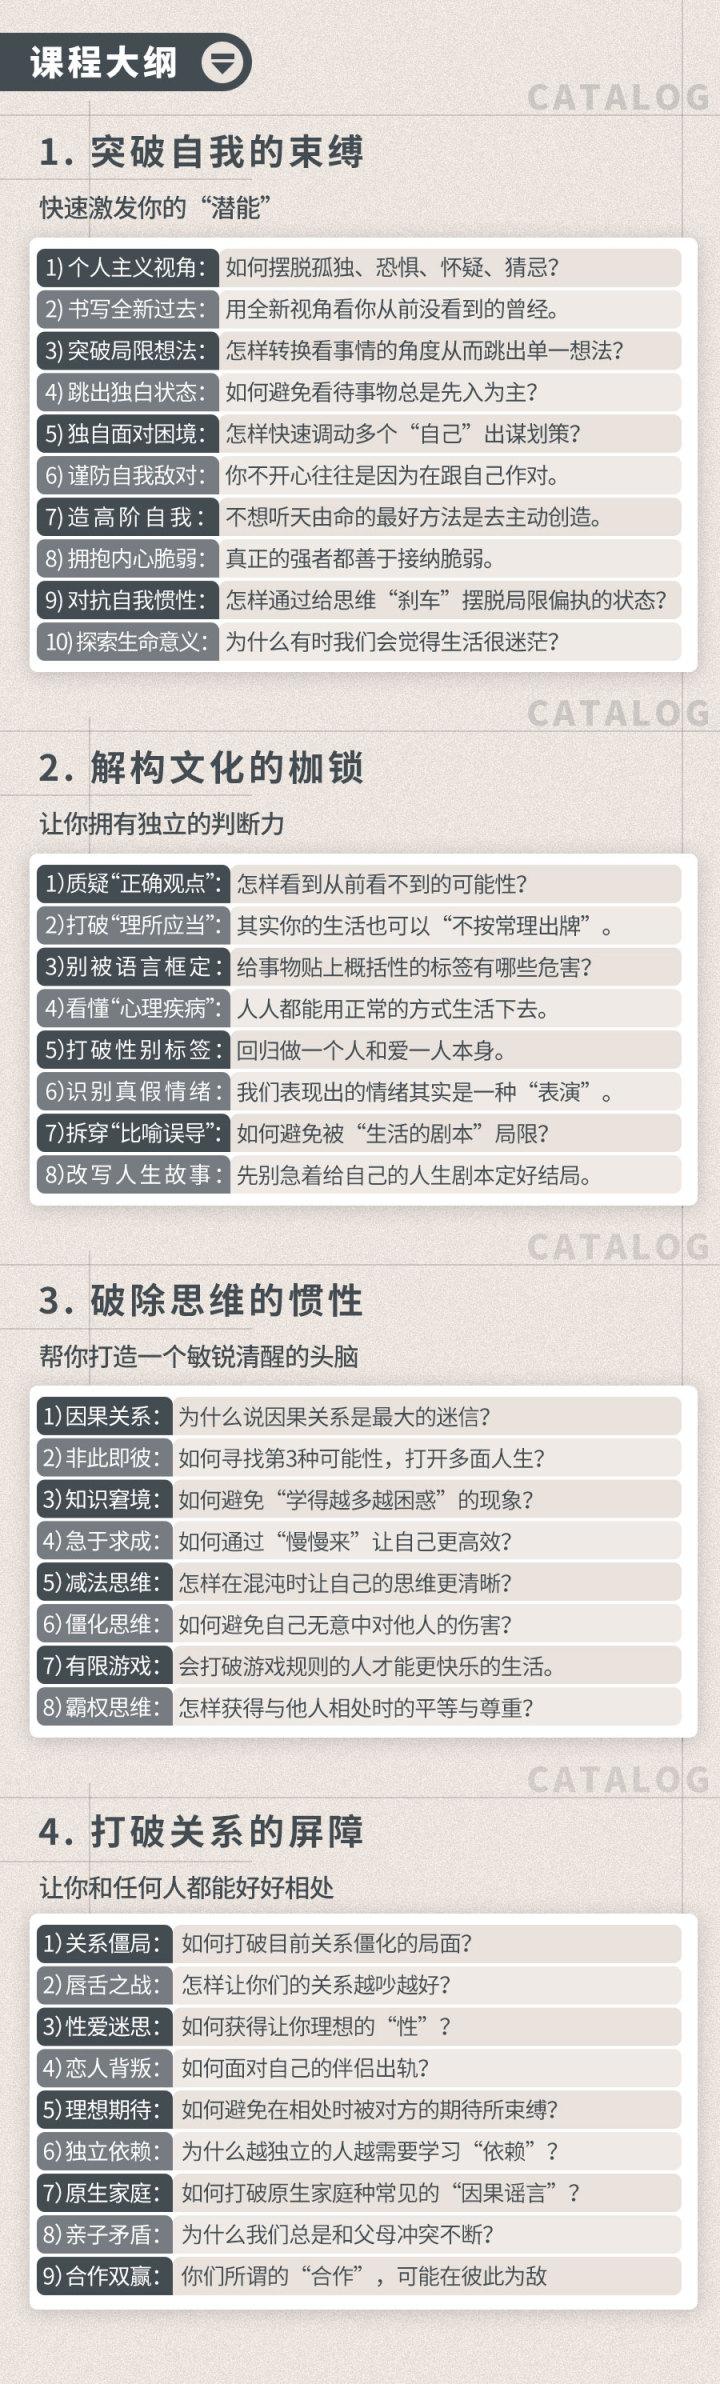 刘双阳课详情页-课程大纲-20190521.jpg